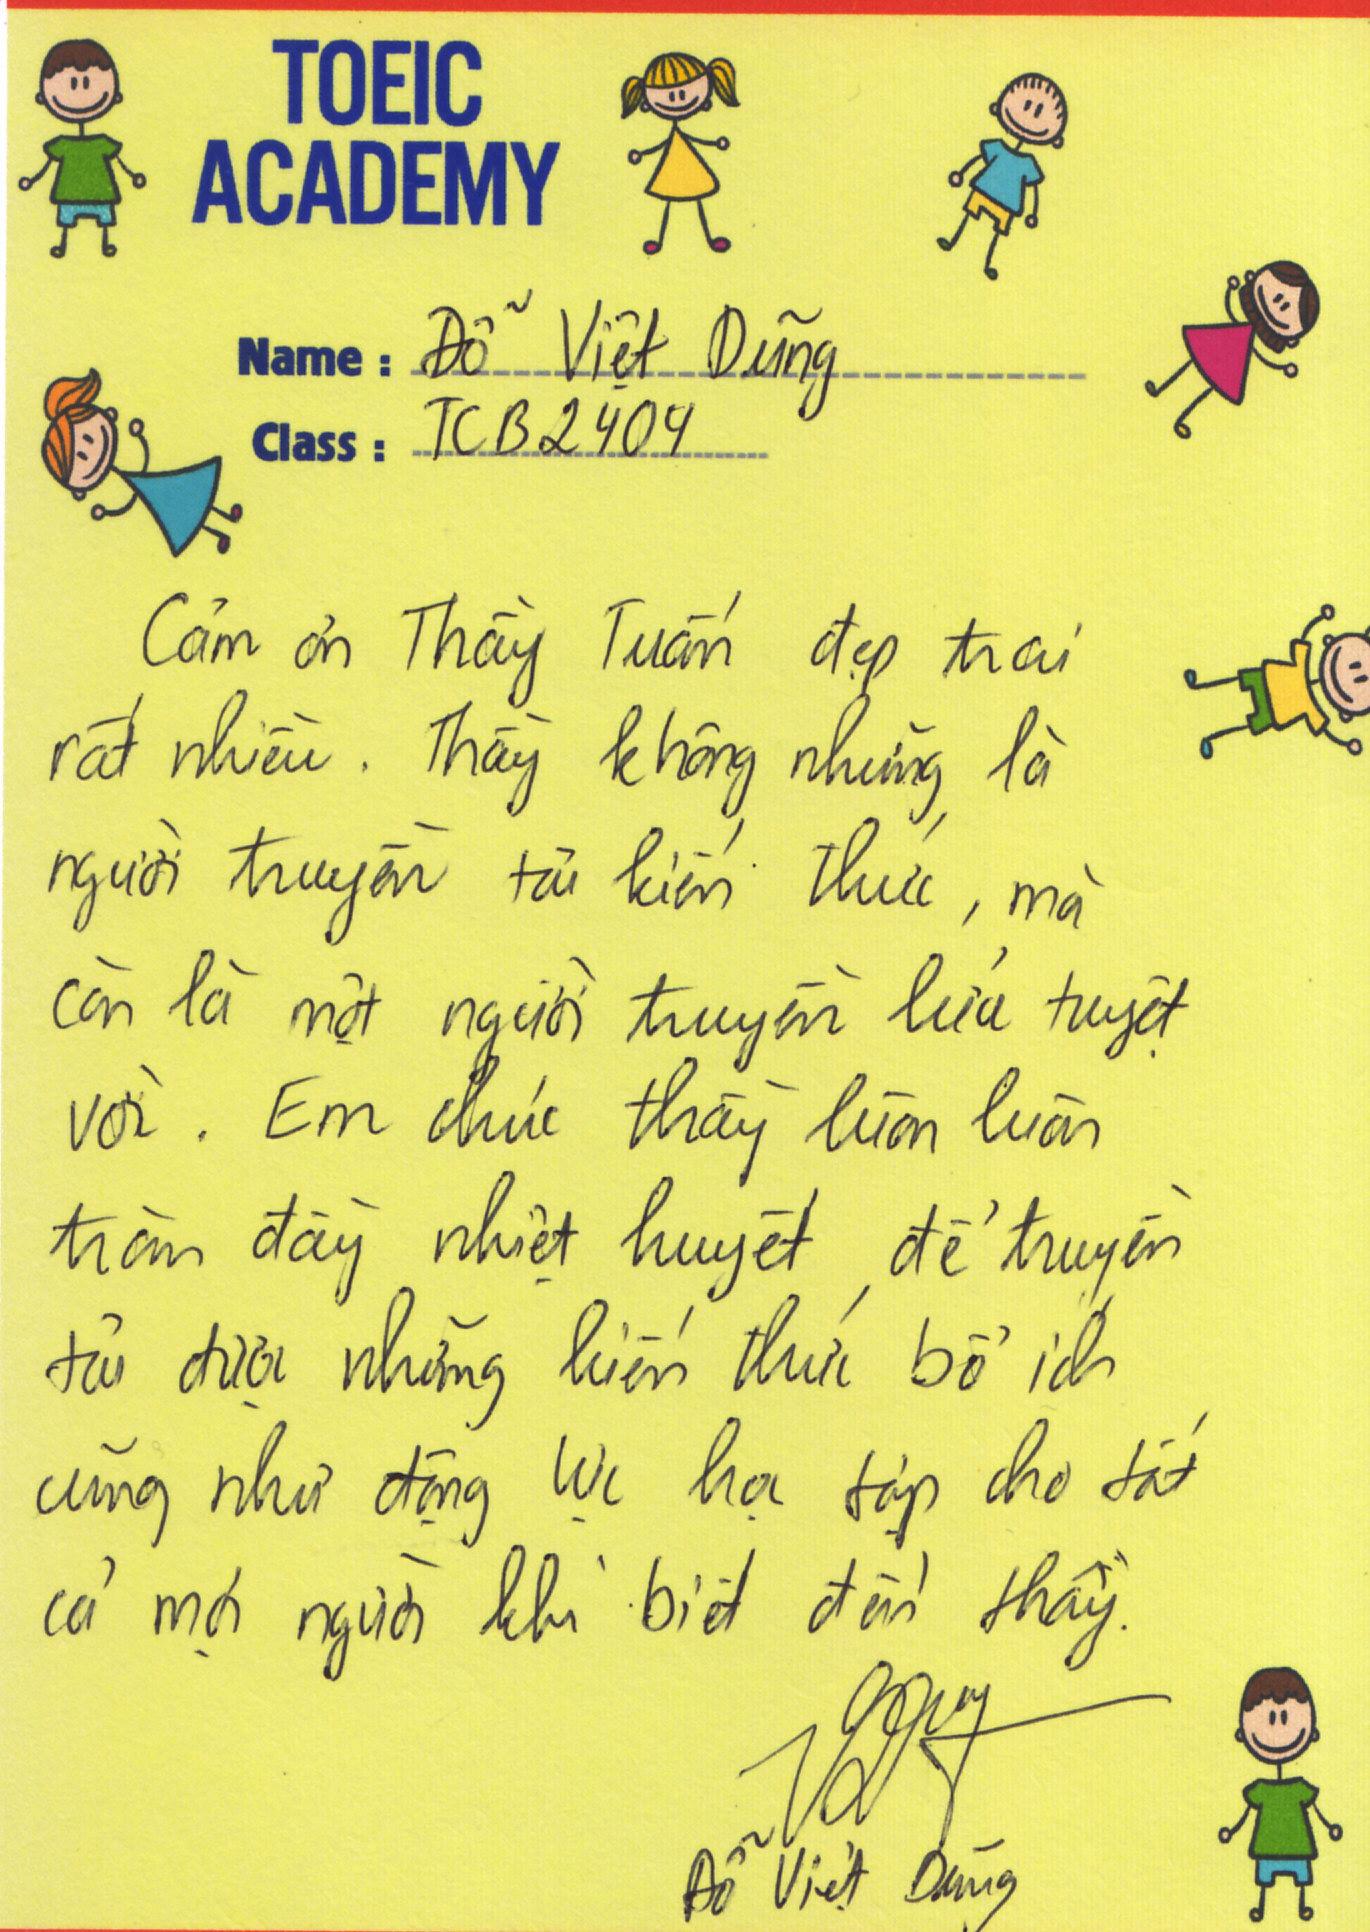 PCN Do Viet Dung 870